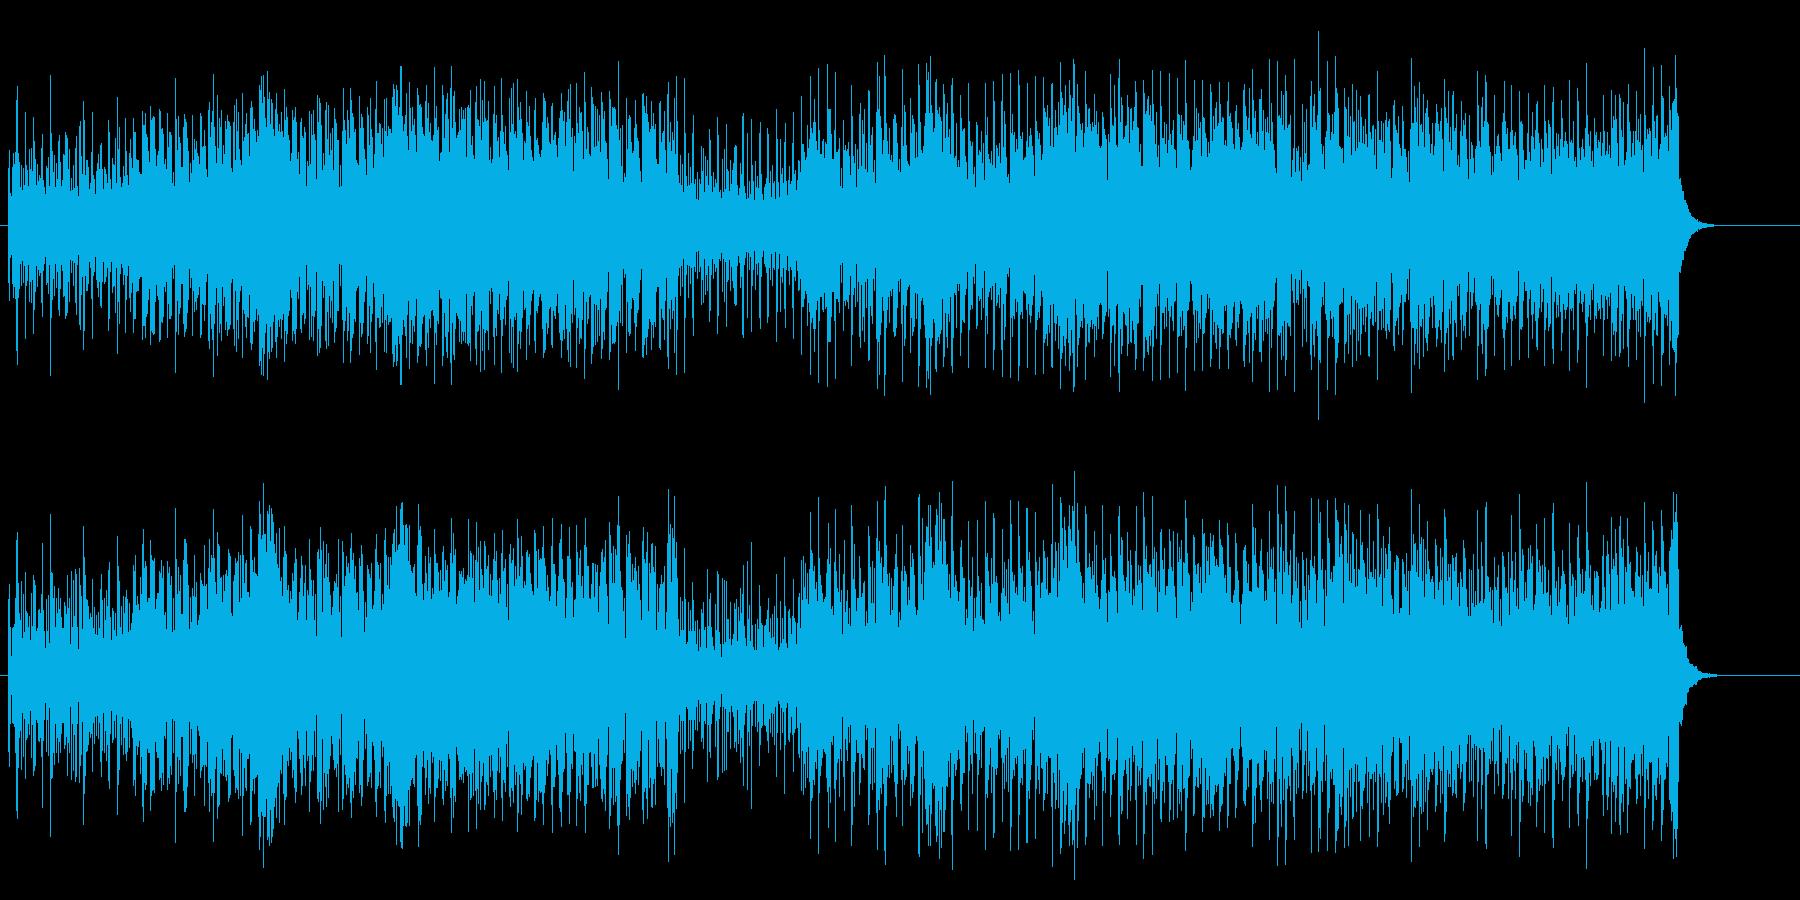 カッティングがパーカッシヴなフュージョンの再生済みの波形